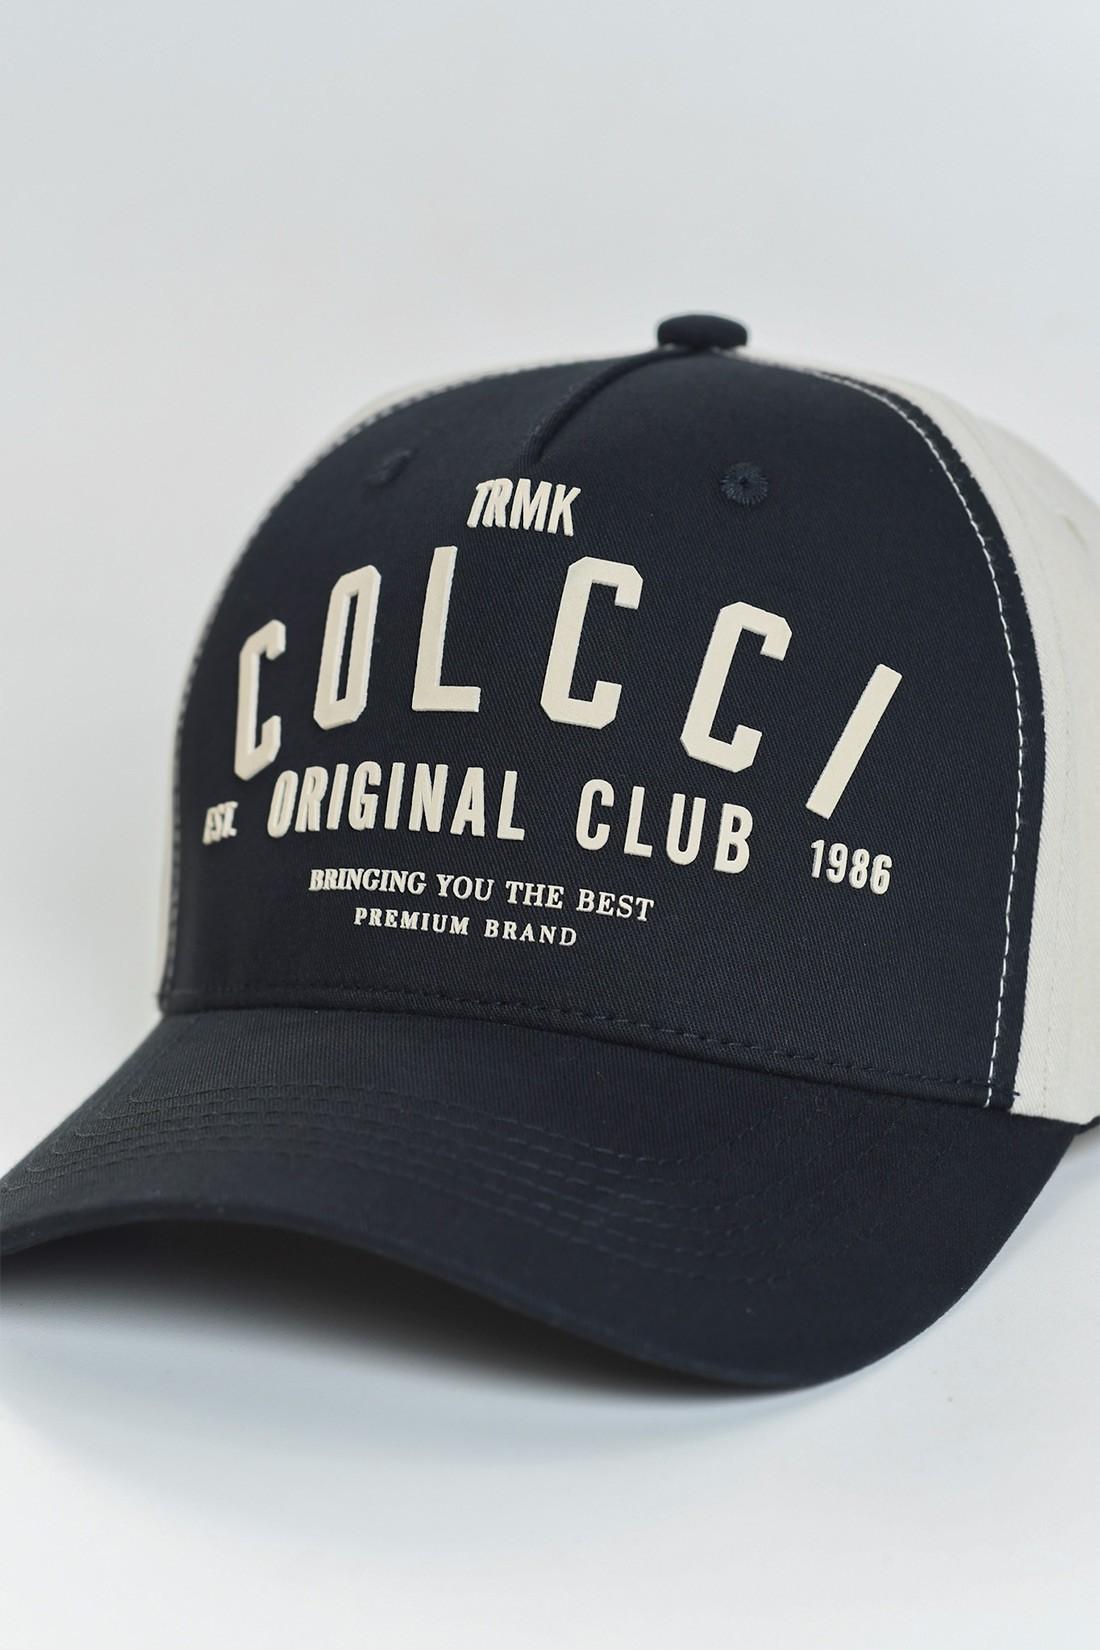 Bone Colcci Trmk Original Club